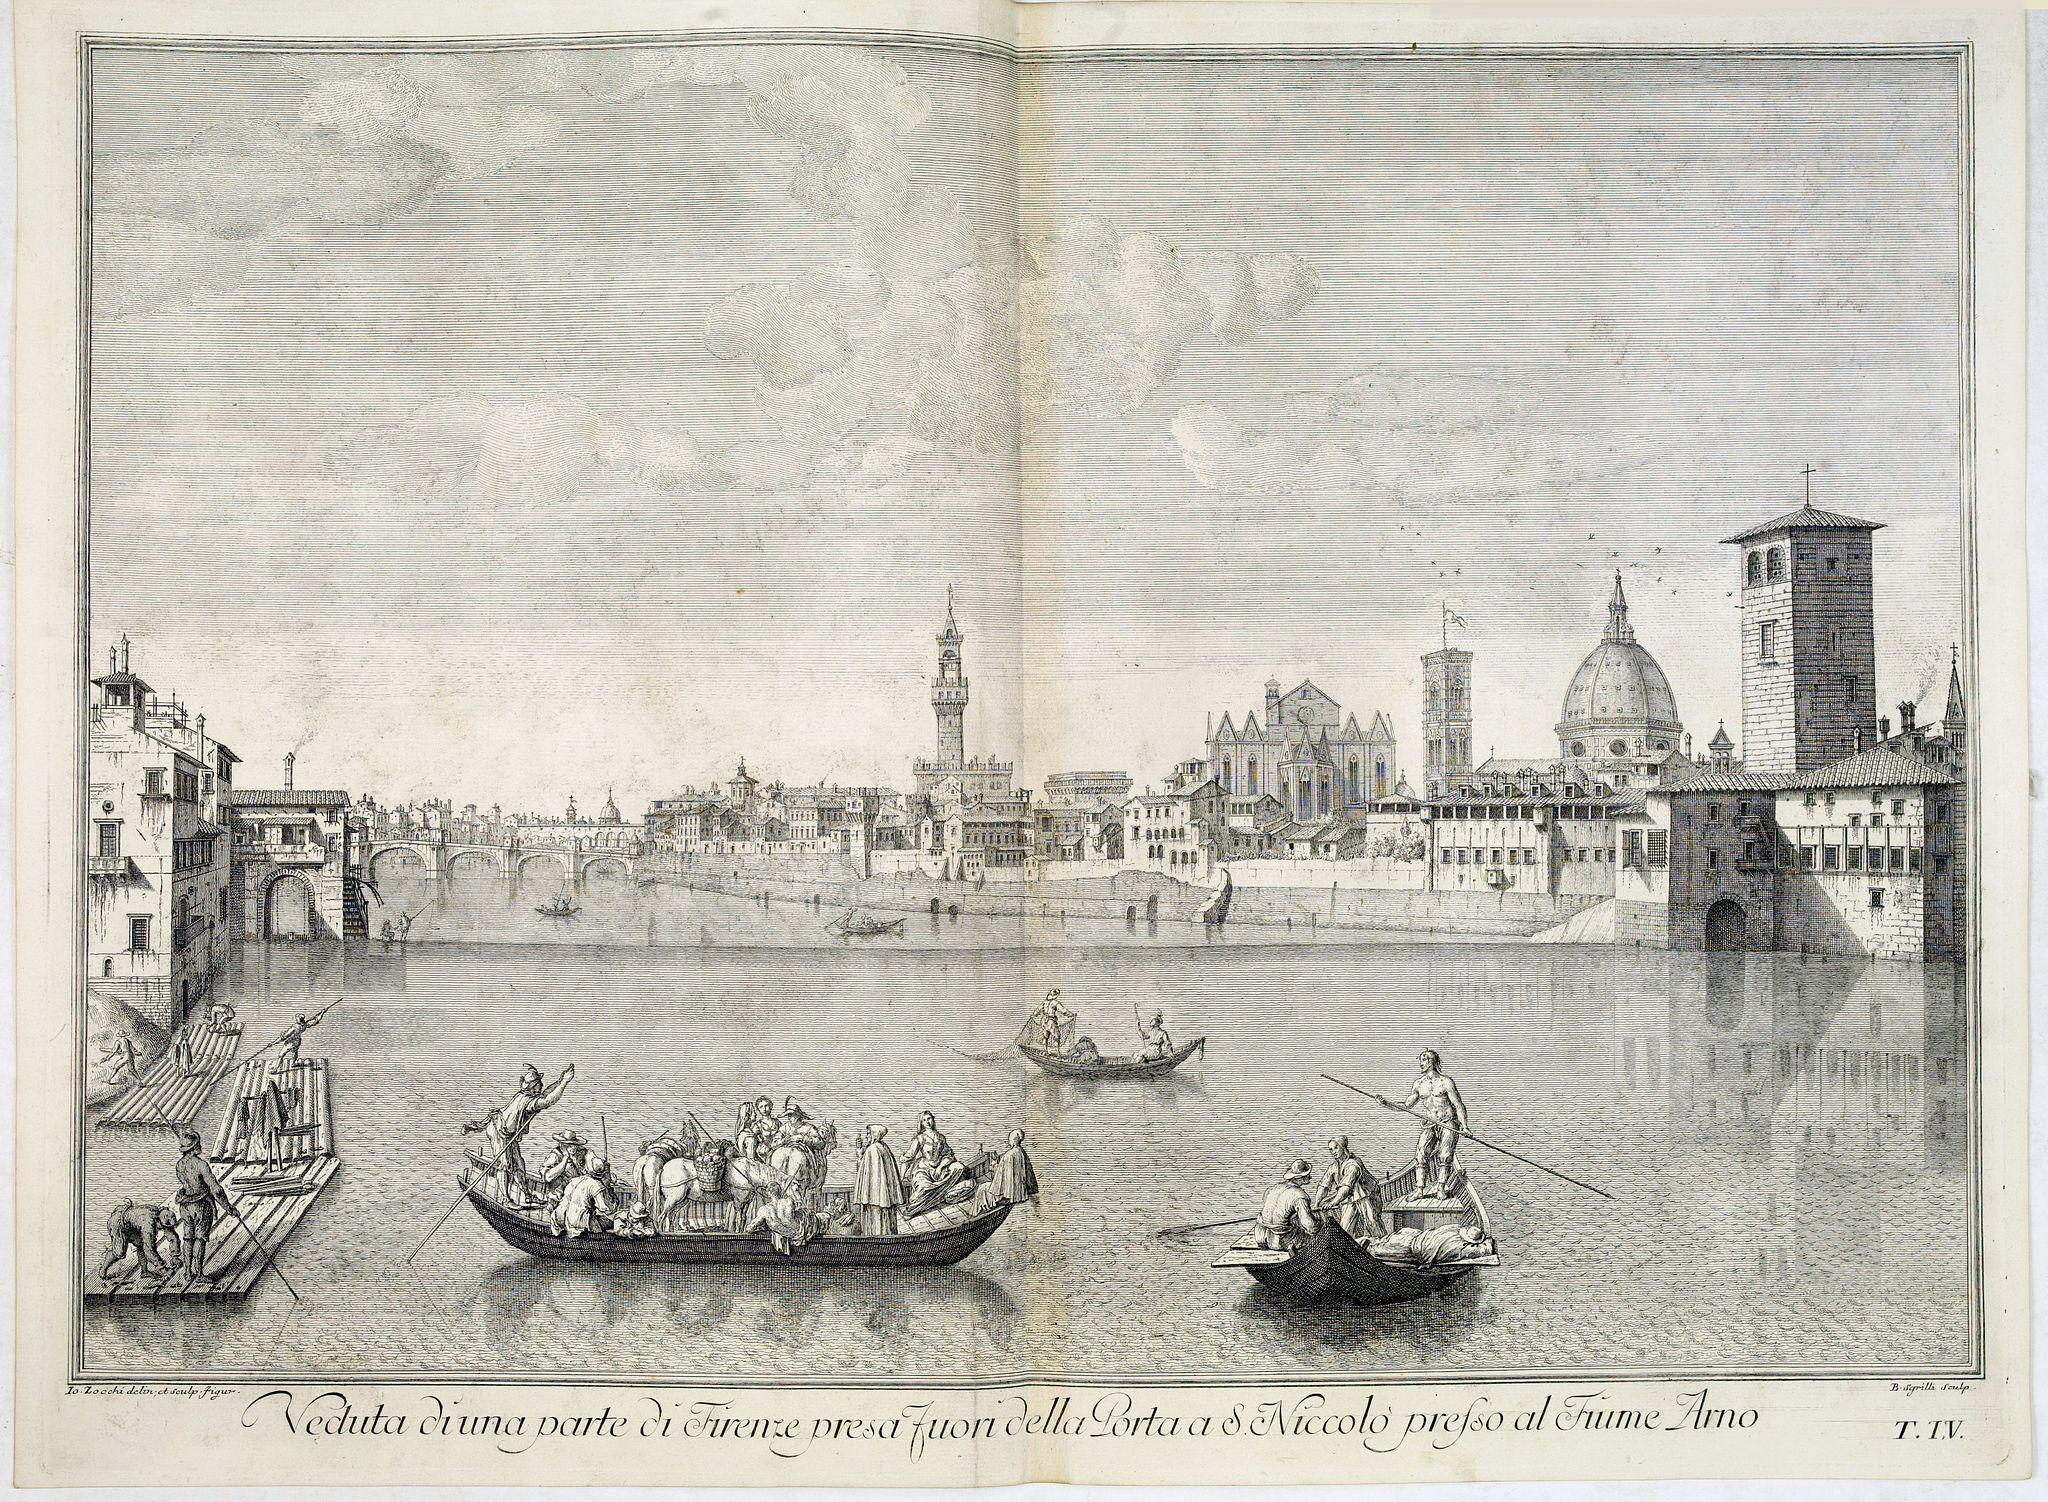 ZOCCHI, G. -  Veduta di una parte di Firenze presa fuori della Porta a S.Niccolo presso al Fiume Arno.